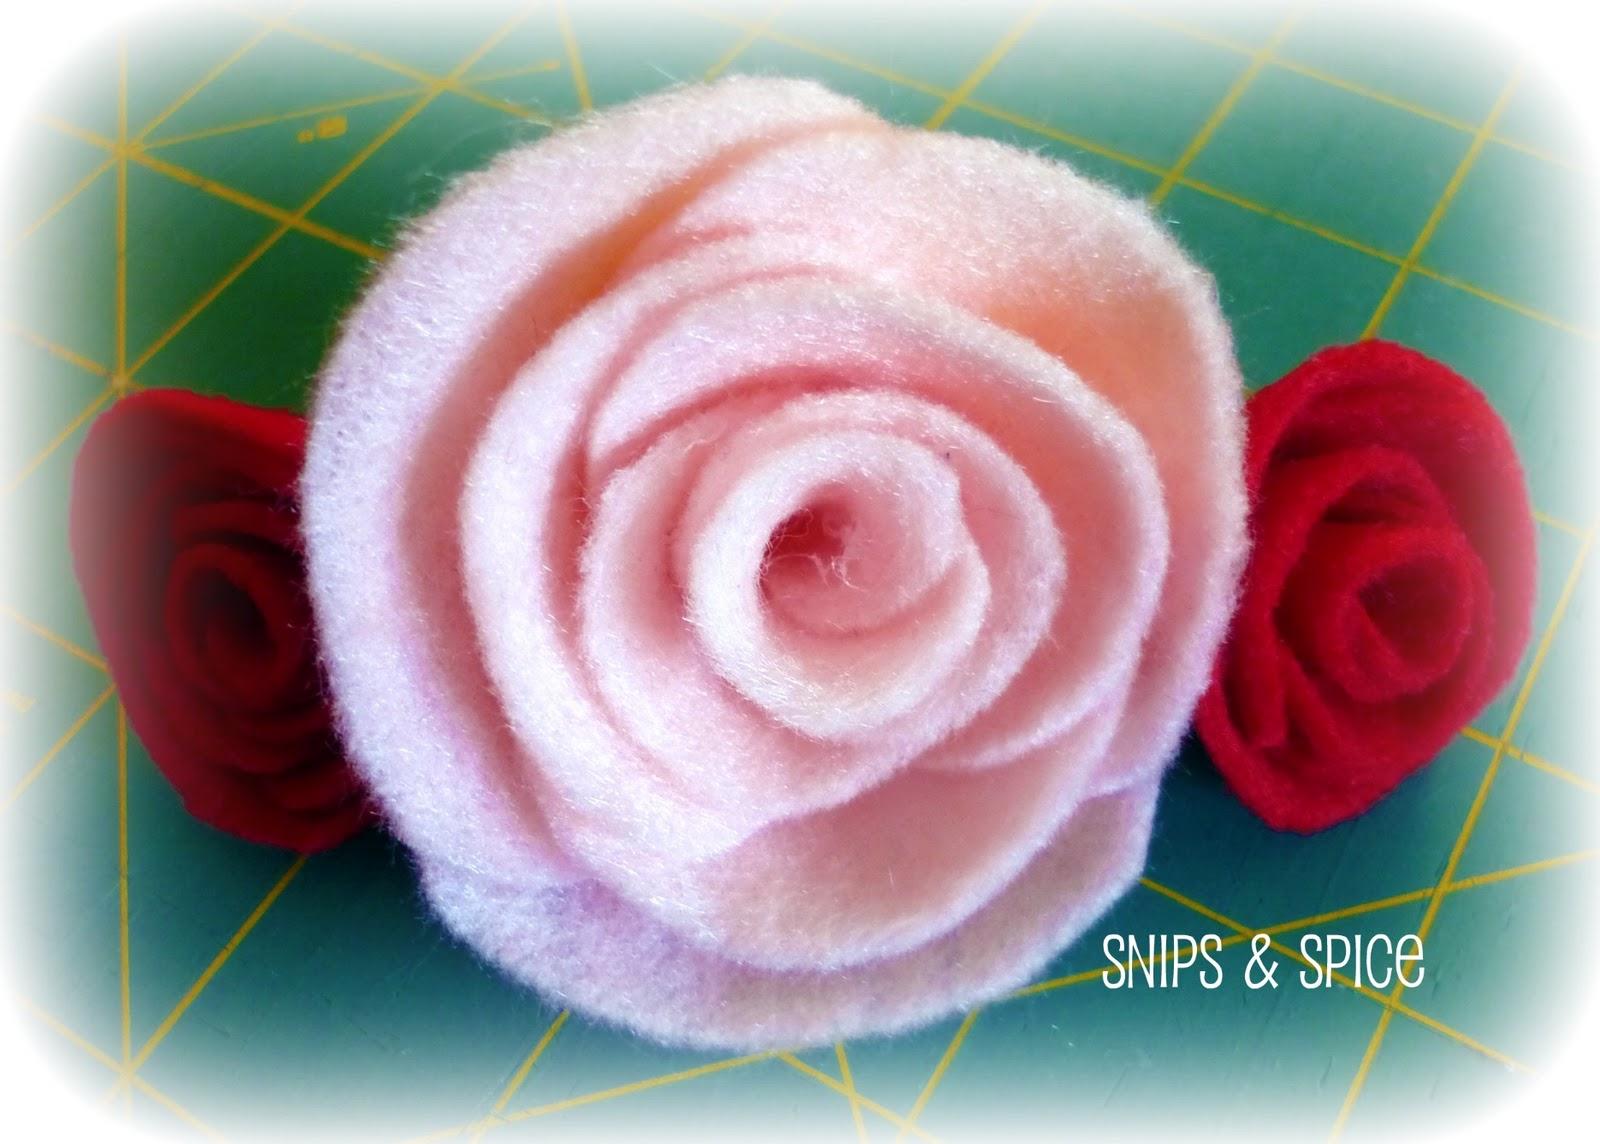 venha conhecer esse blog http://snips-and-spice.blogspot.com/2011/01/felt-roses.html